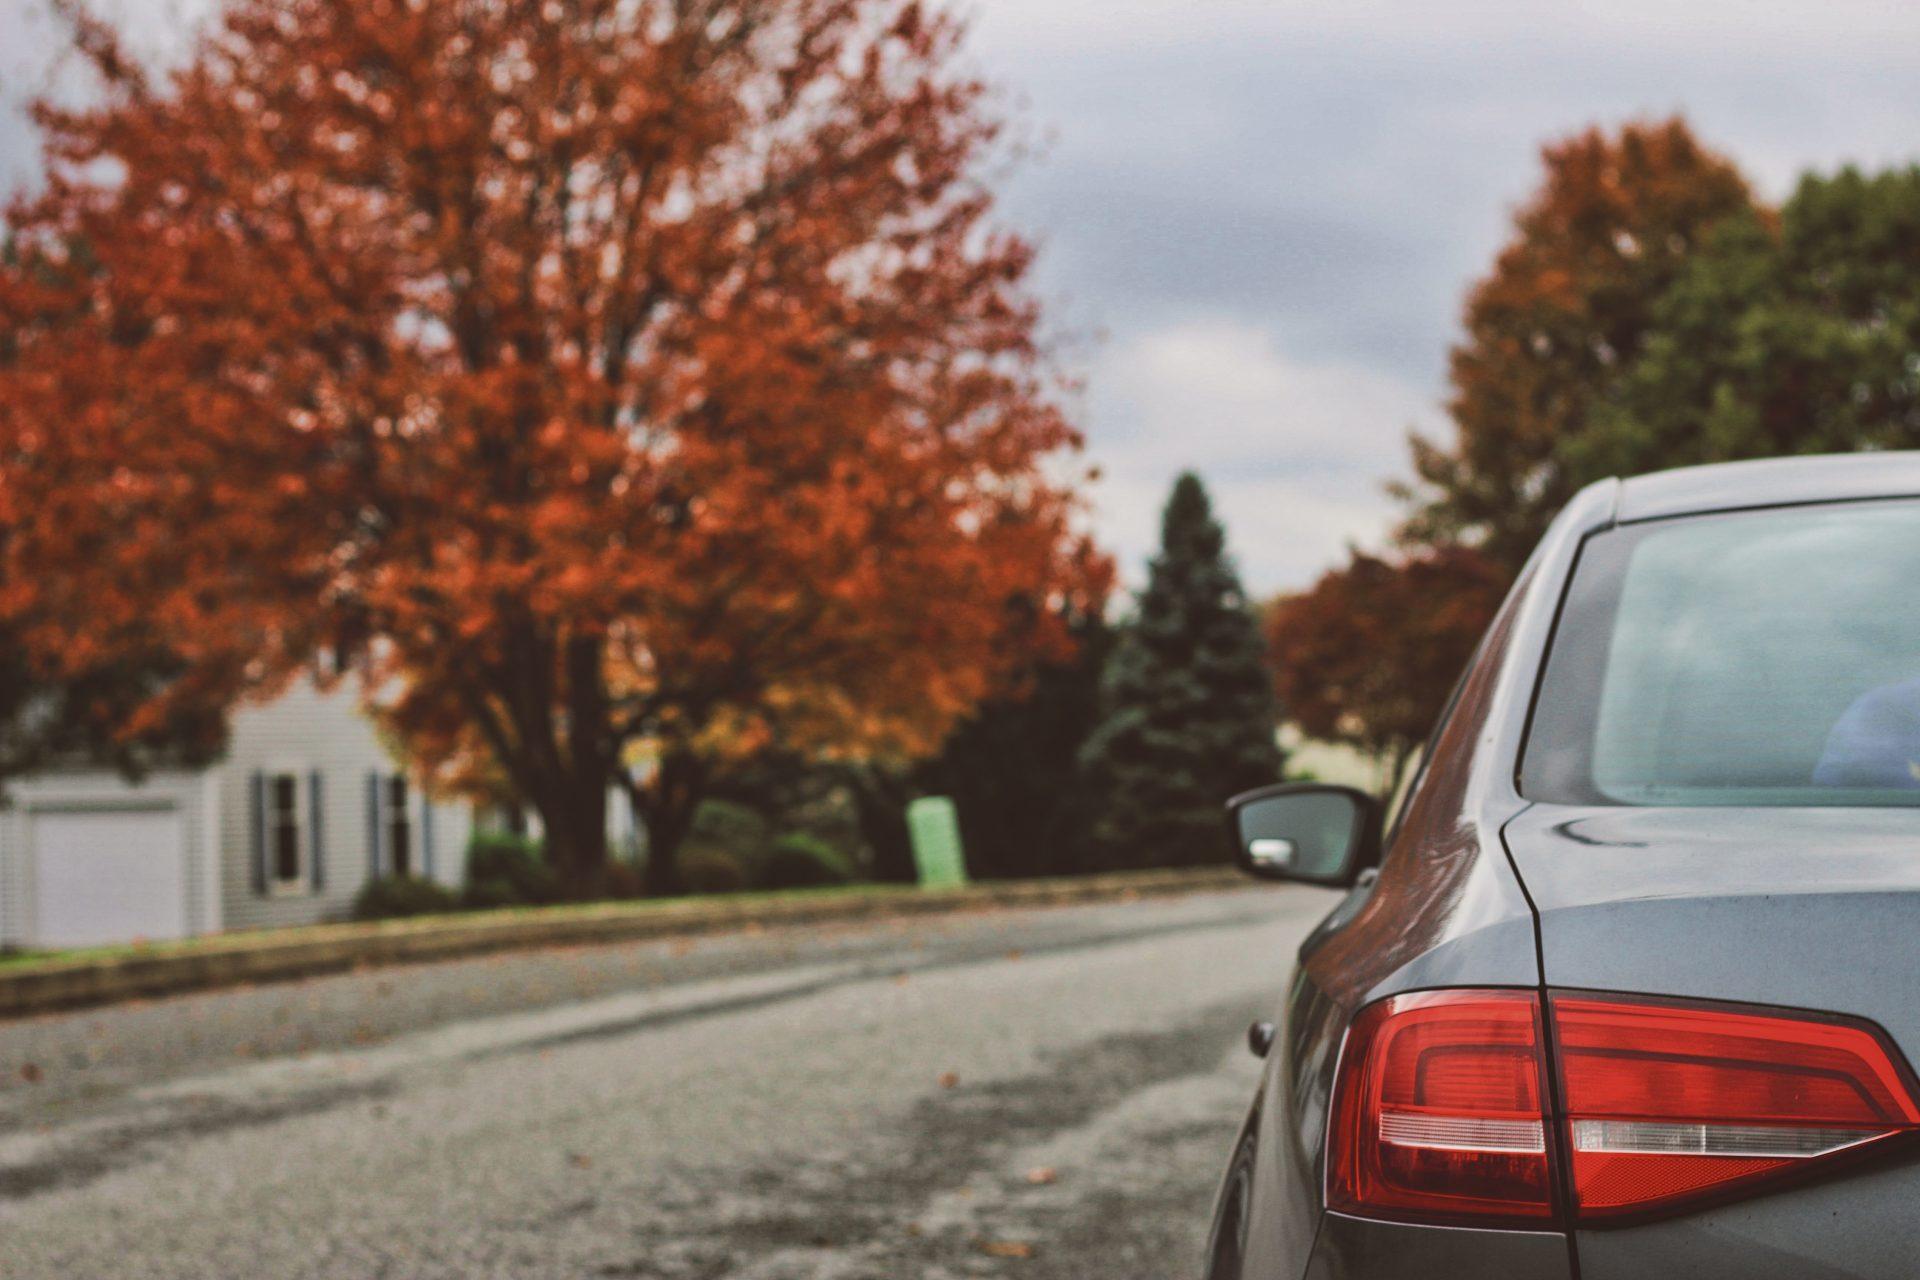 Paslaugos_Automobilio techninės būklės įvertinimas prieš pirkimą